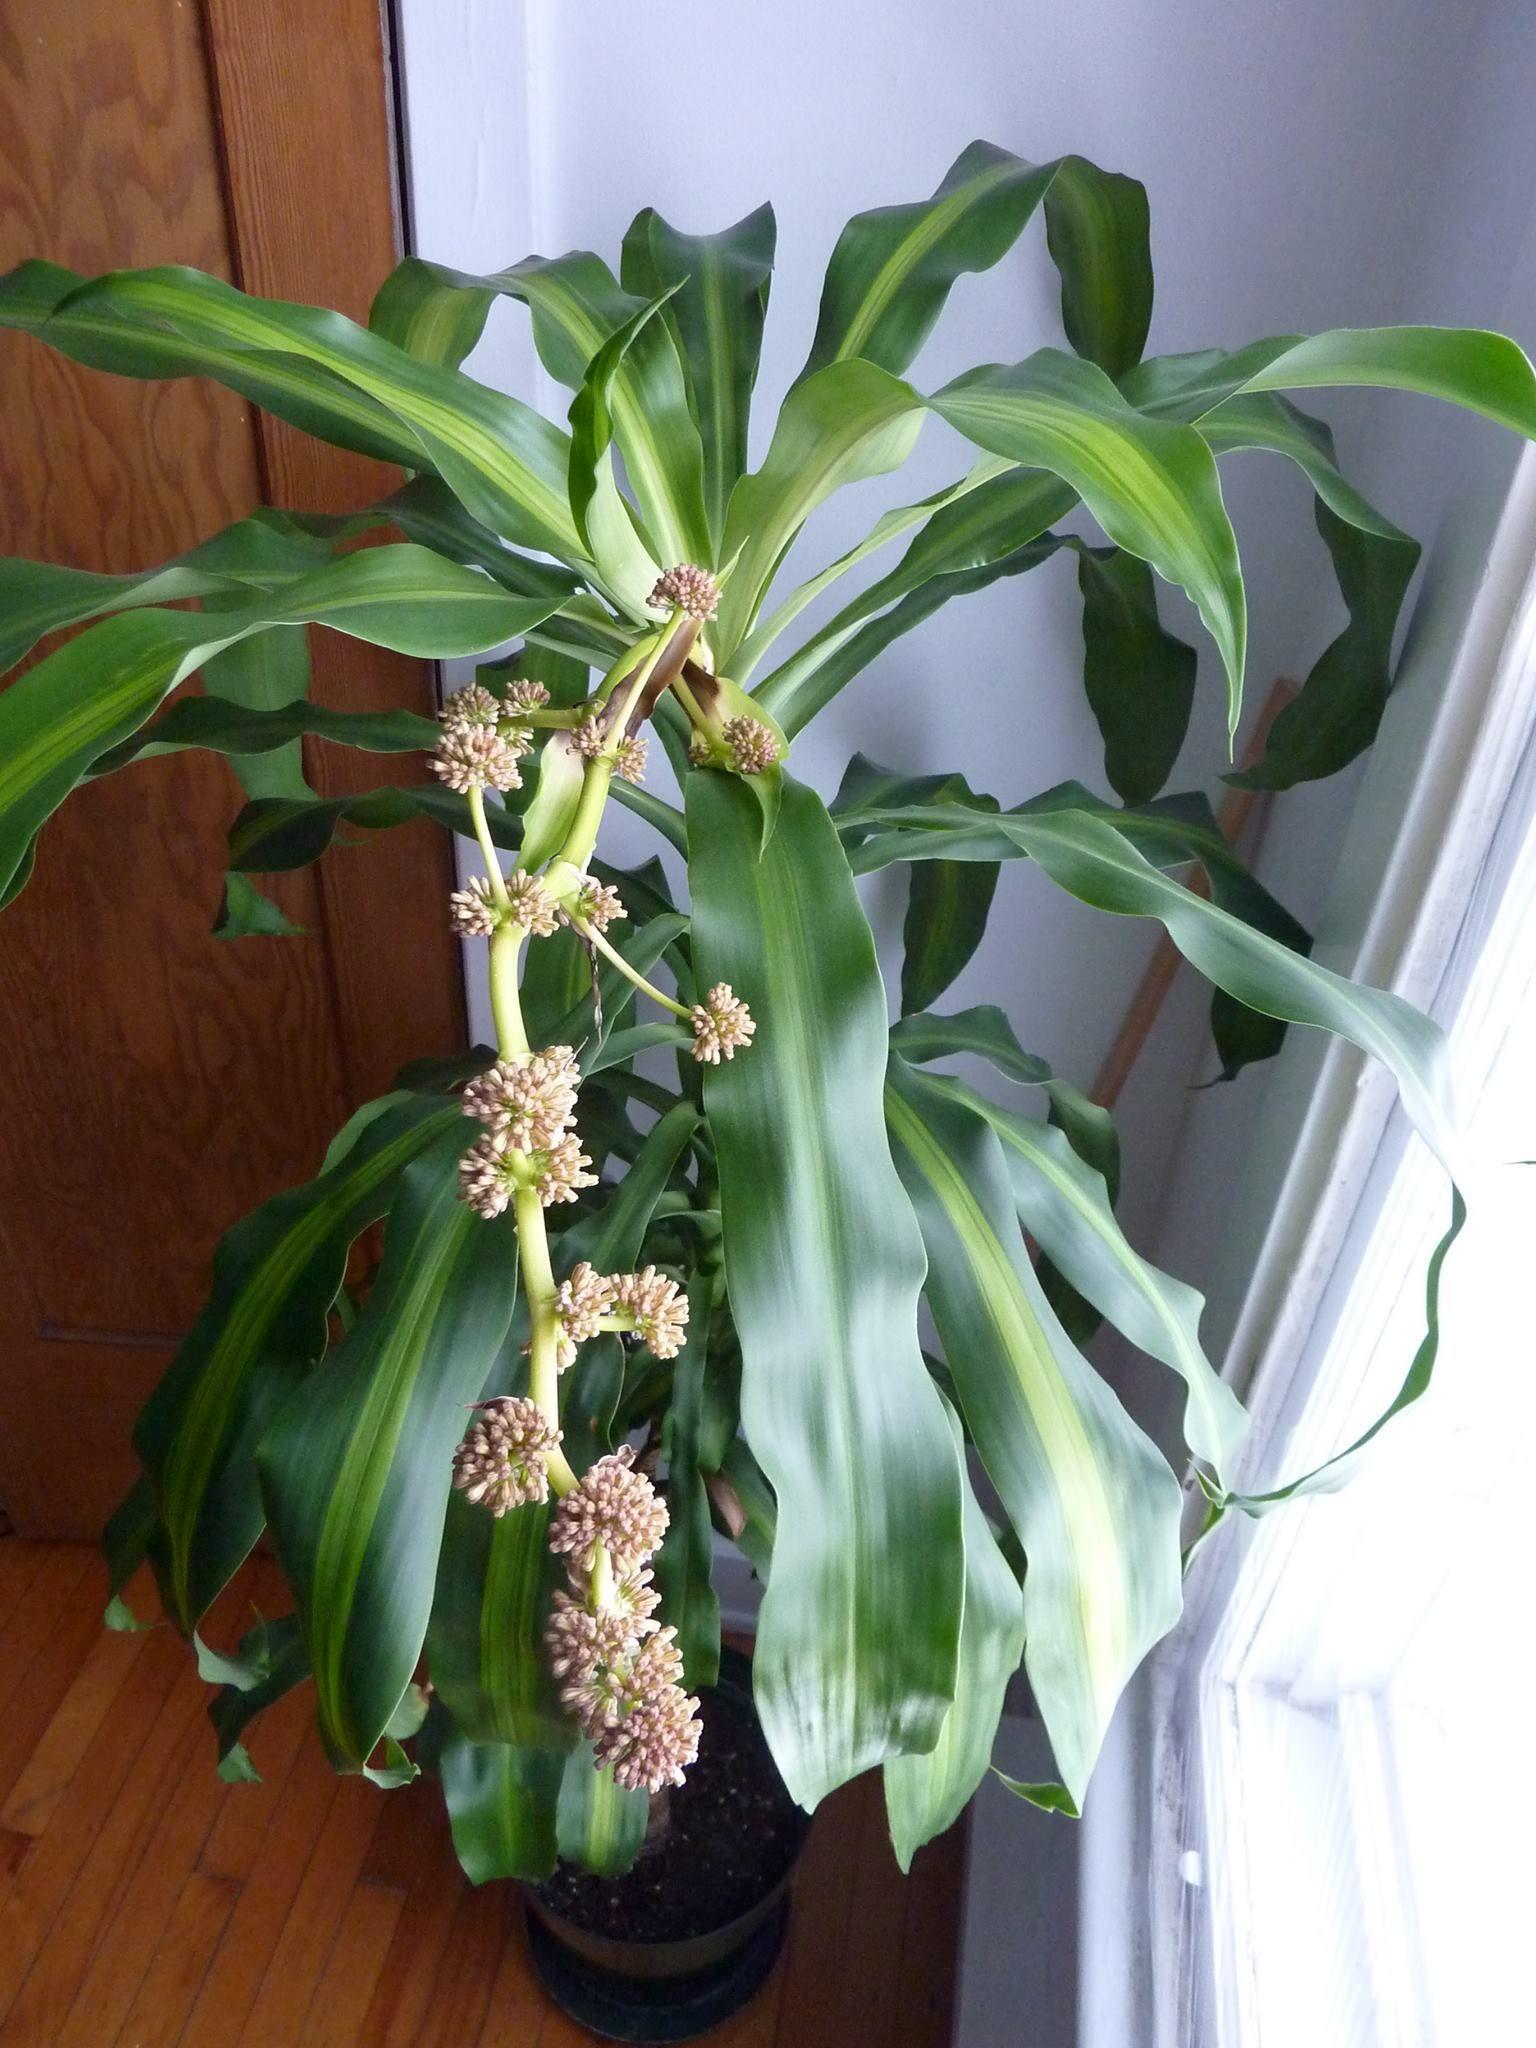 When A Corn Plant Blooms Avec Images Plante Dracaena Fleurs